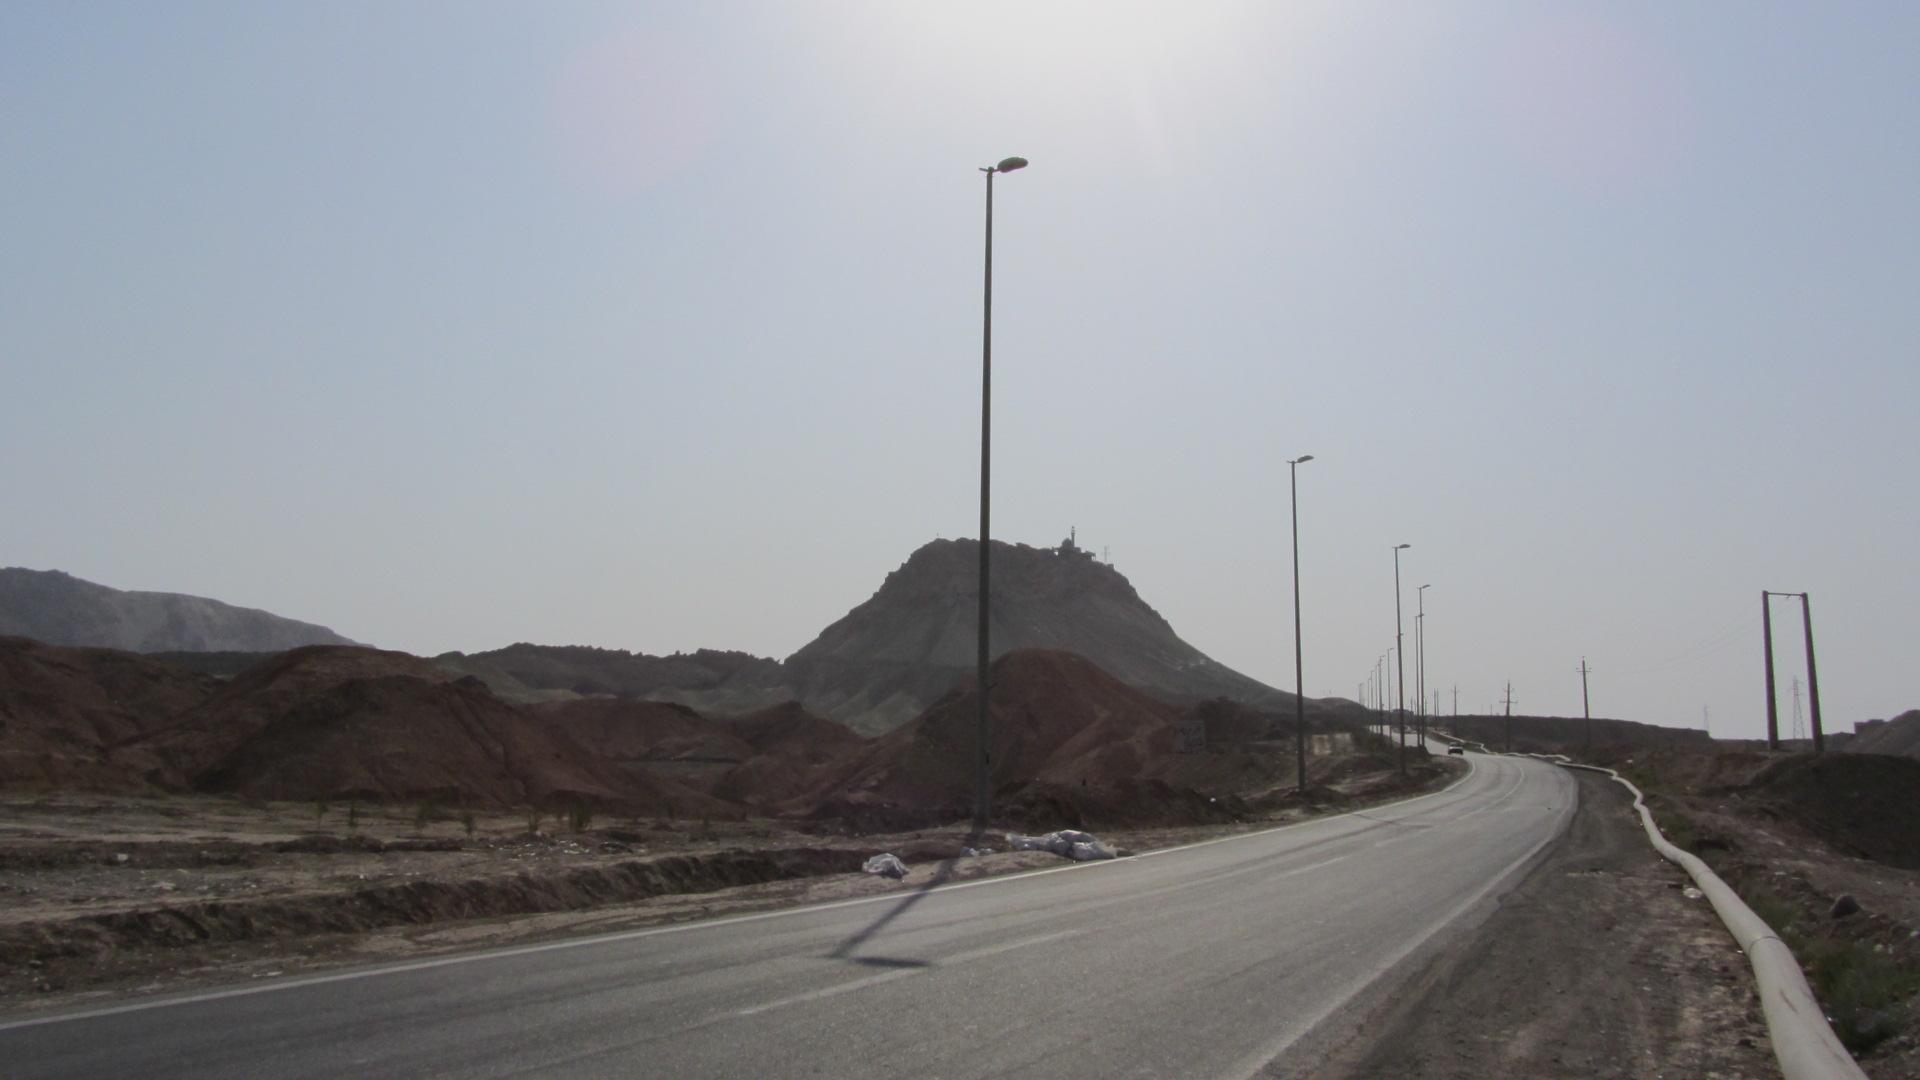 ابتدای جاده ی کوه خضر نبی